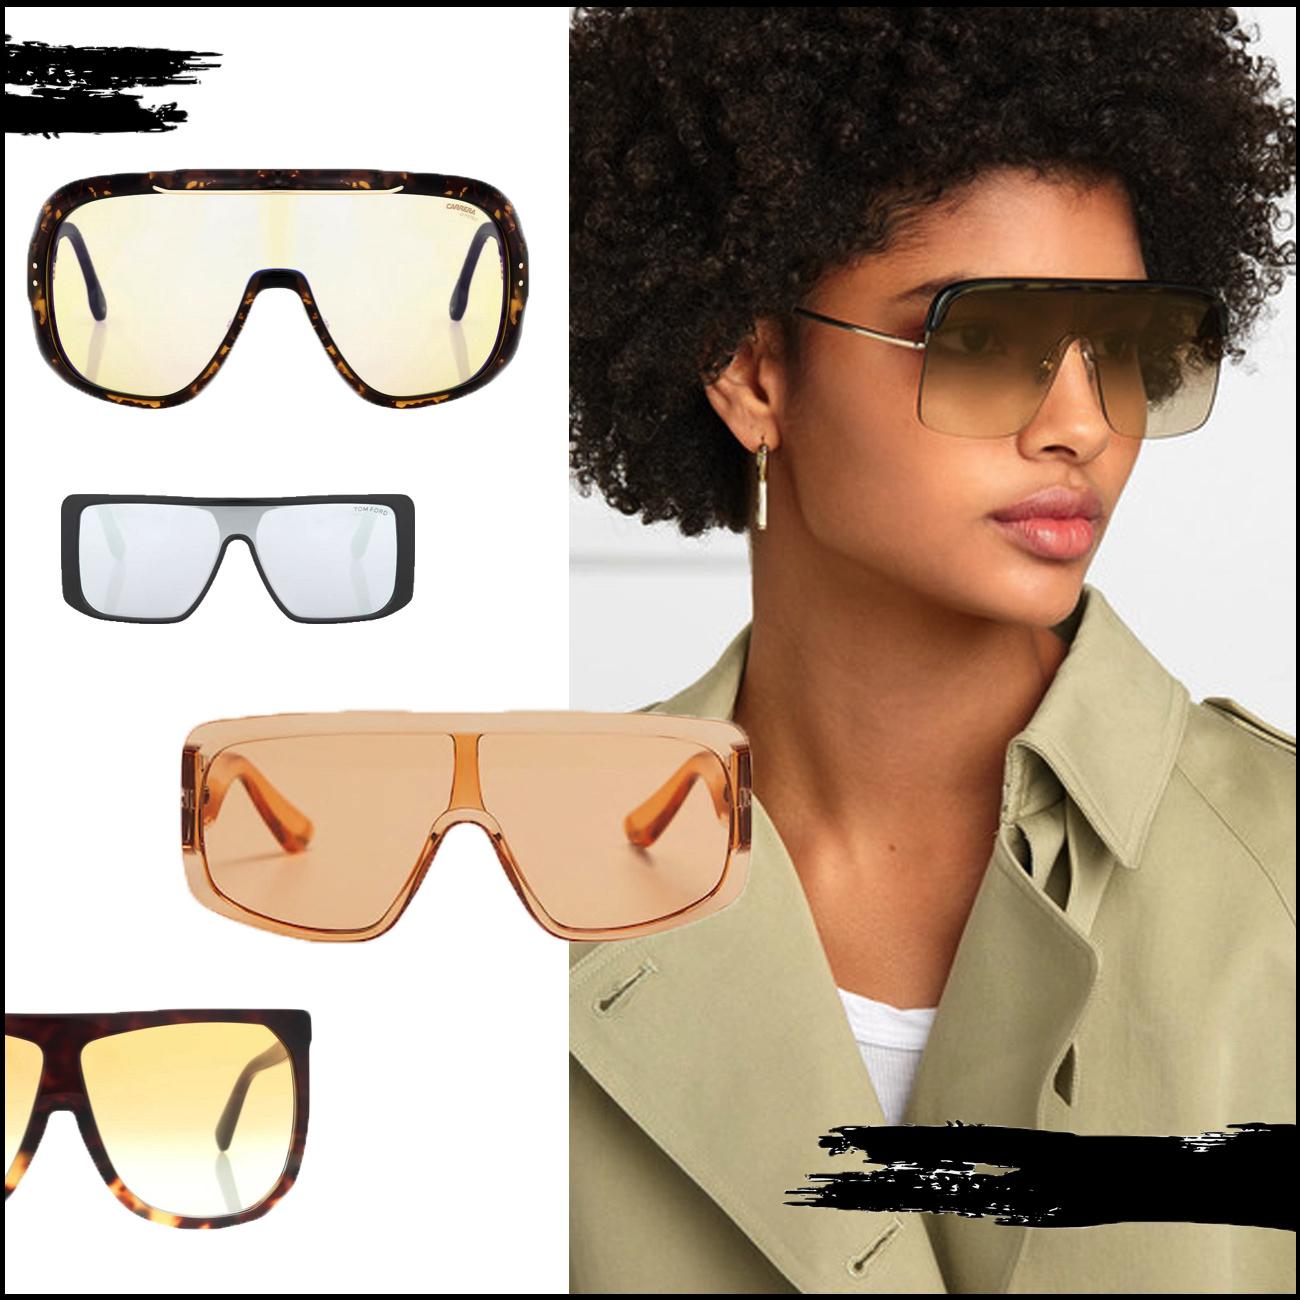 Accessoire Trend 2019 Shield Sonnebrillen